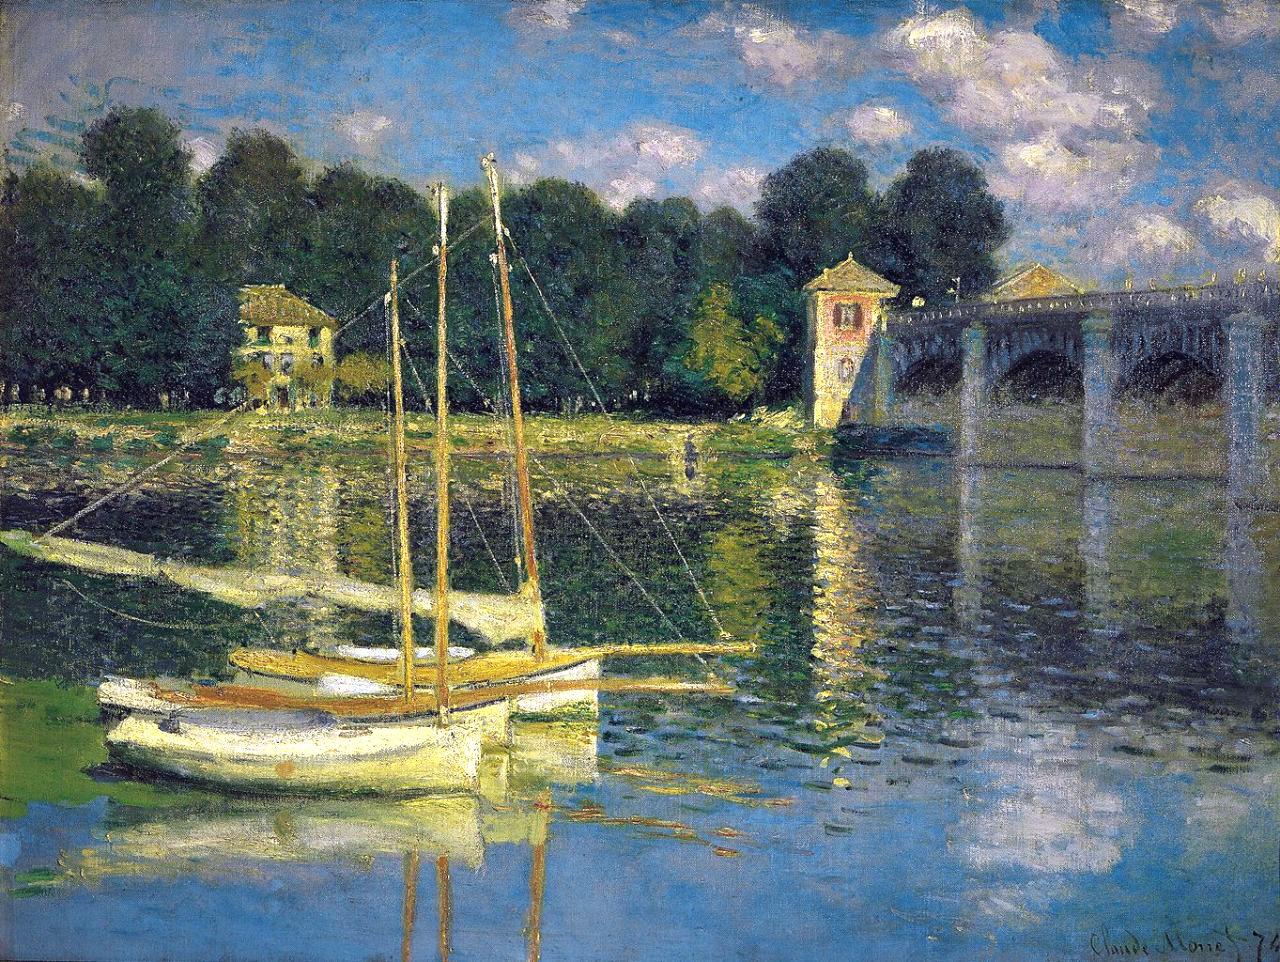 Мост в Аржантёе 1874 г.60x80см холст / масло Музей Орсе, Париж, Франция